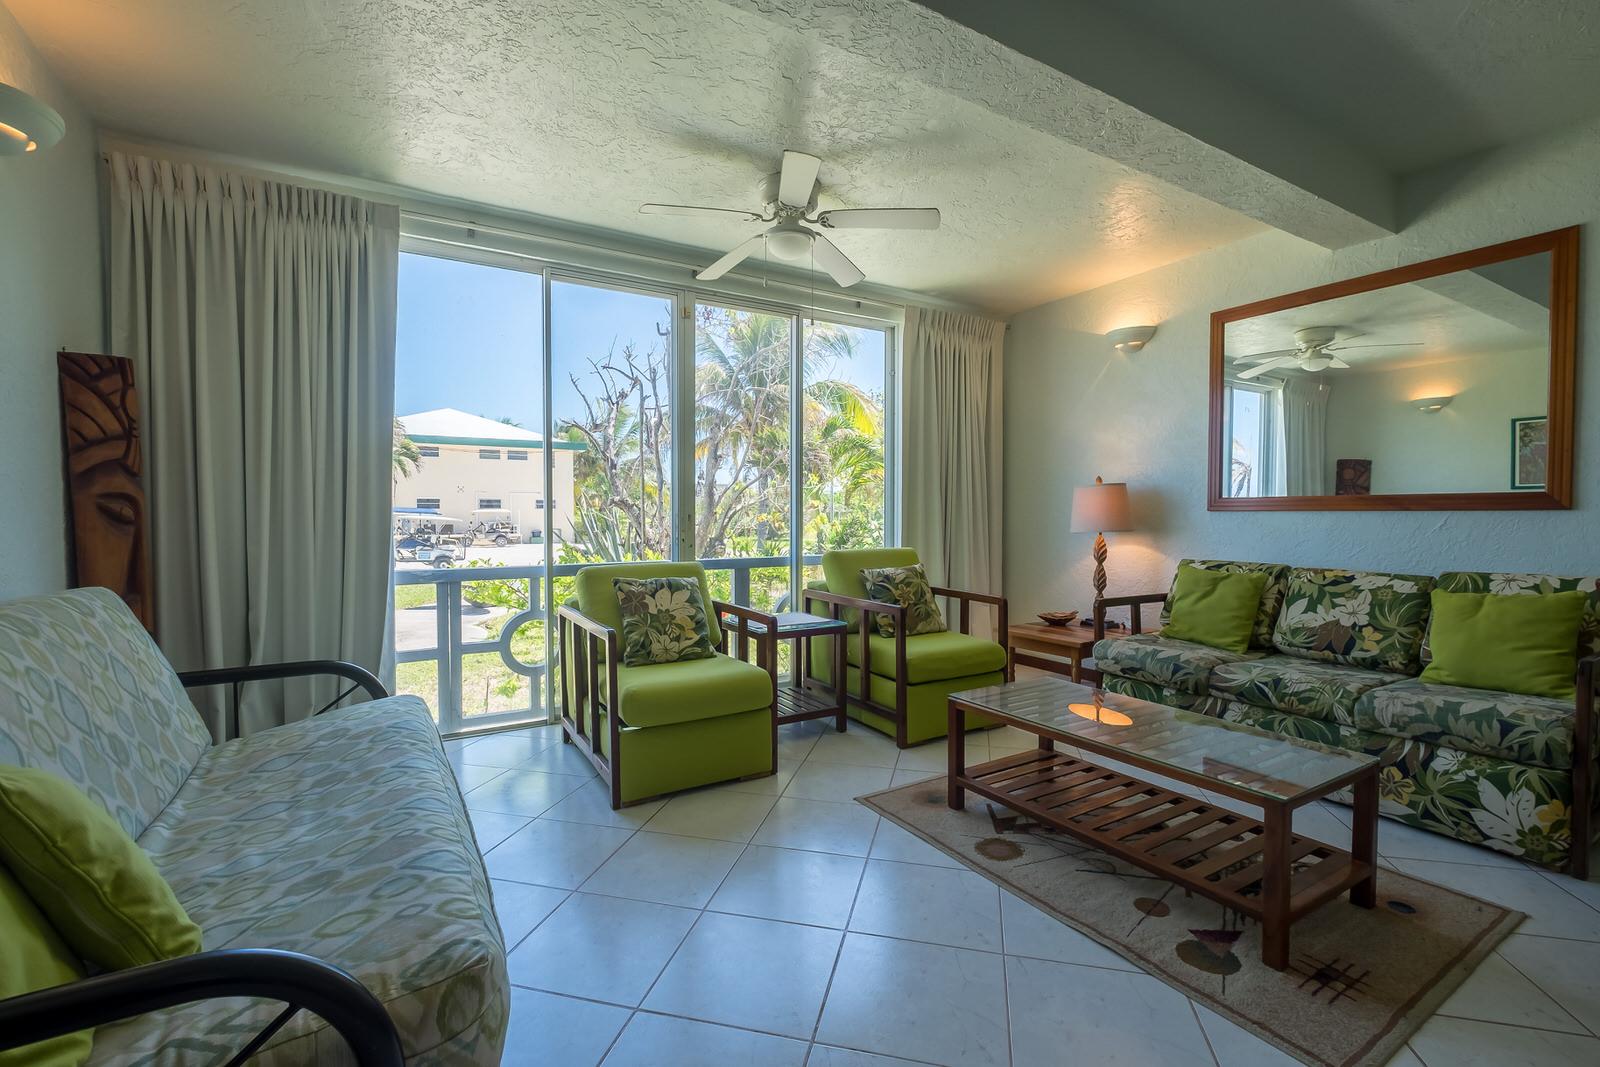 Royal Palm 8c interior-2.jpg